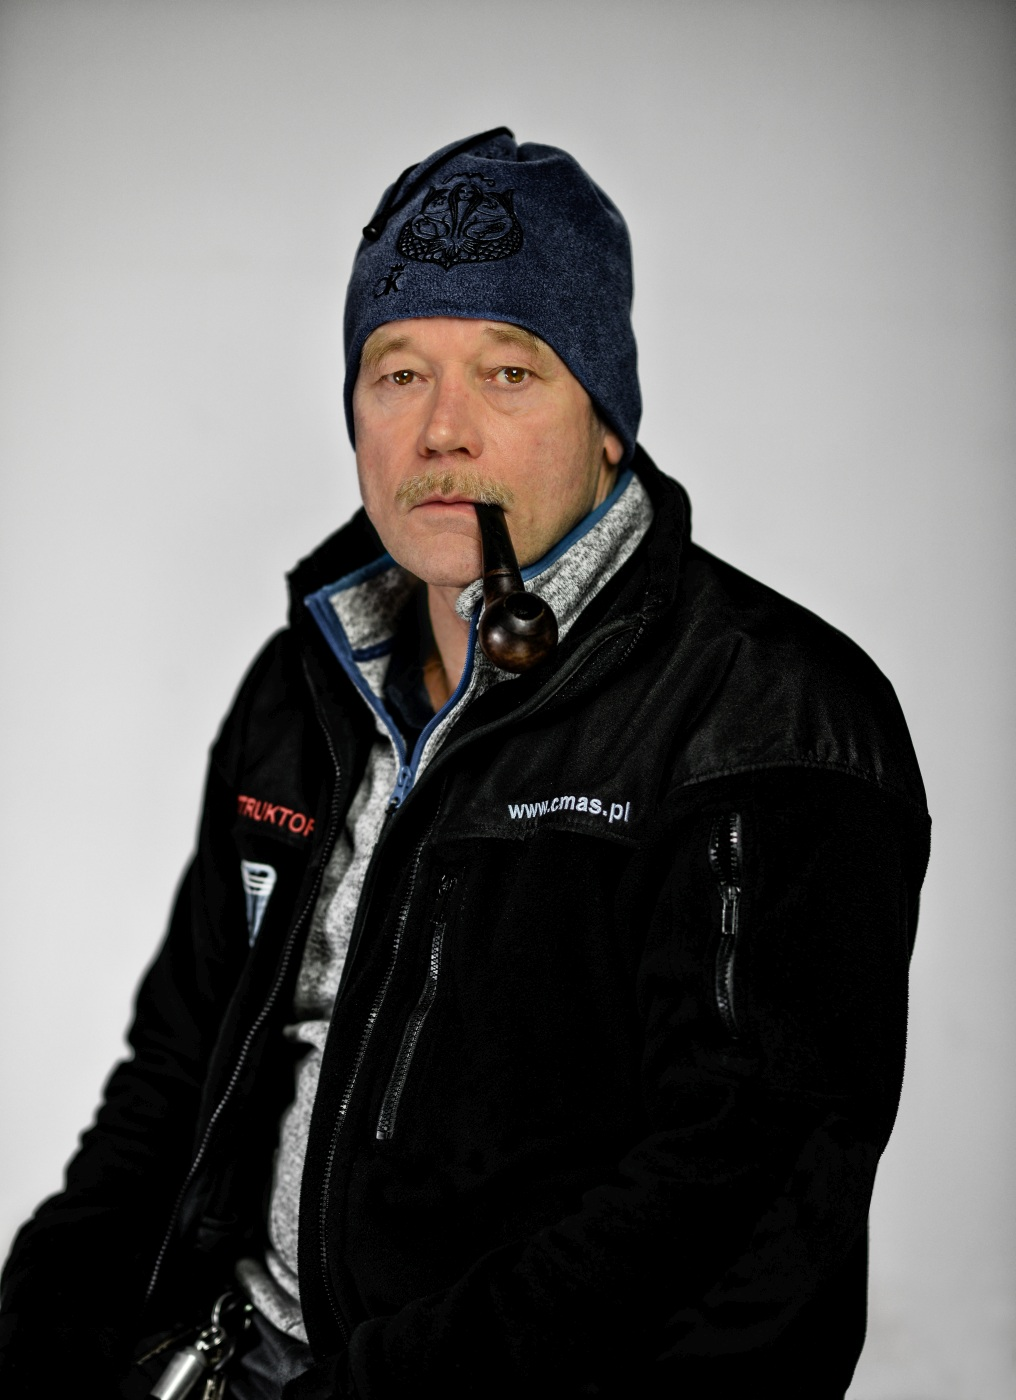 Picture of Krzysztof Janicki